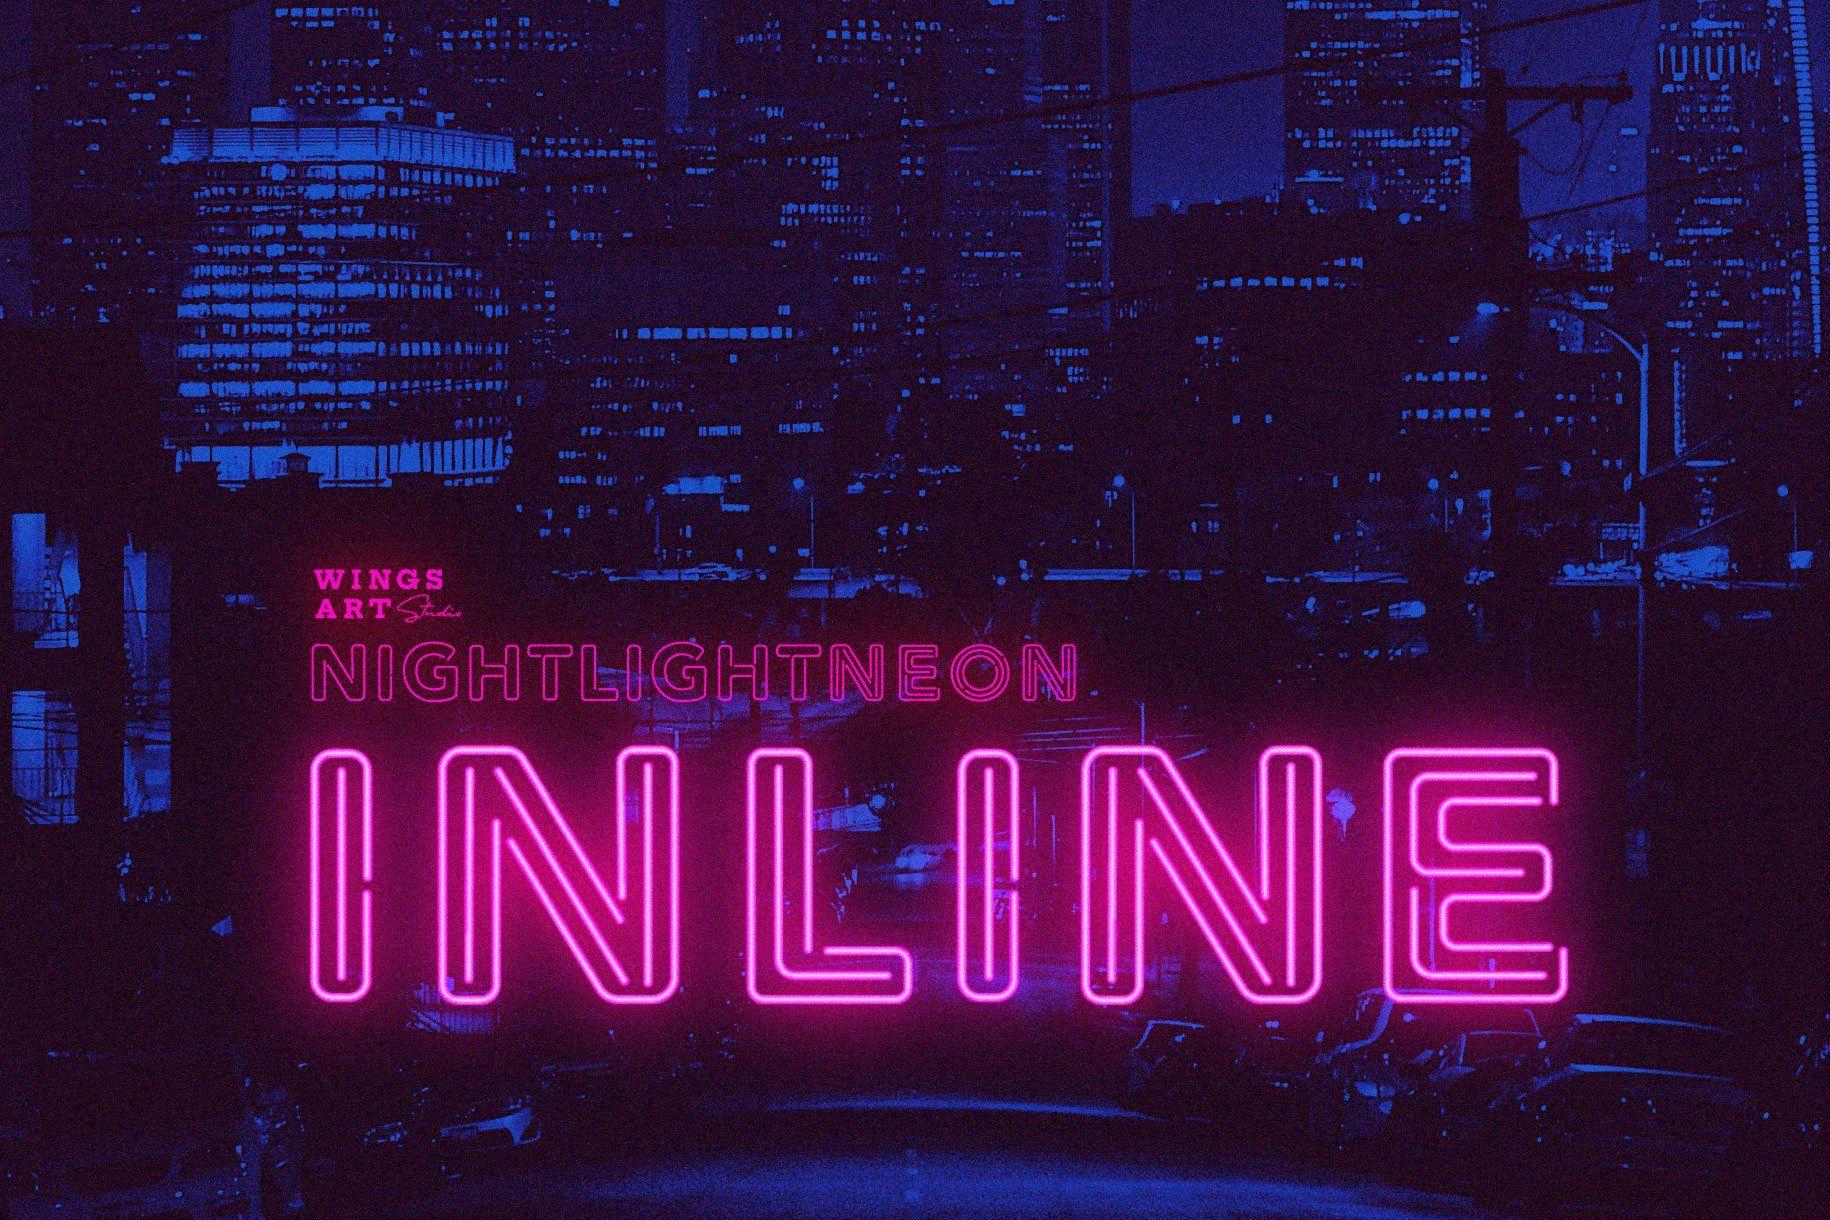 Retro Neon Font Inline Style In 2020 Wings Art Neon Script Font Style